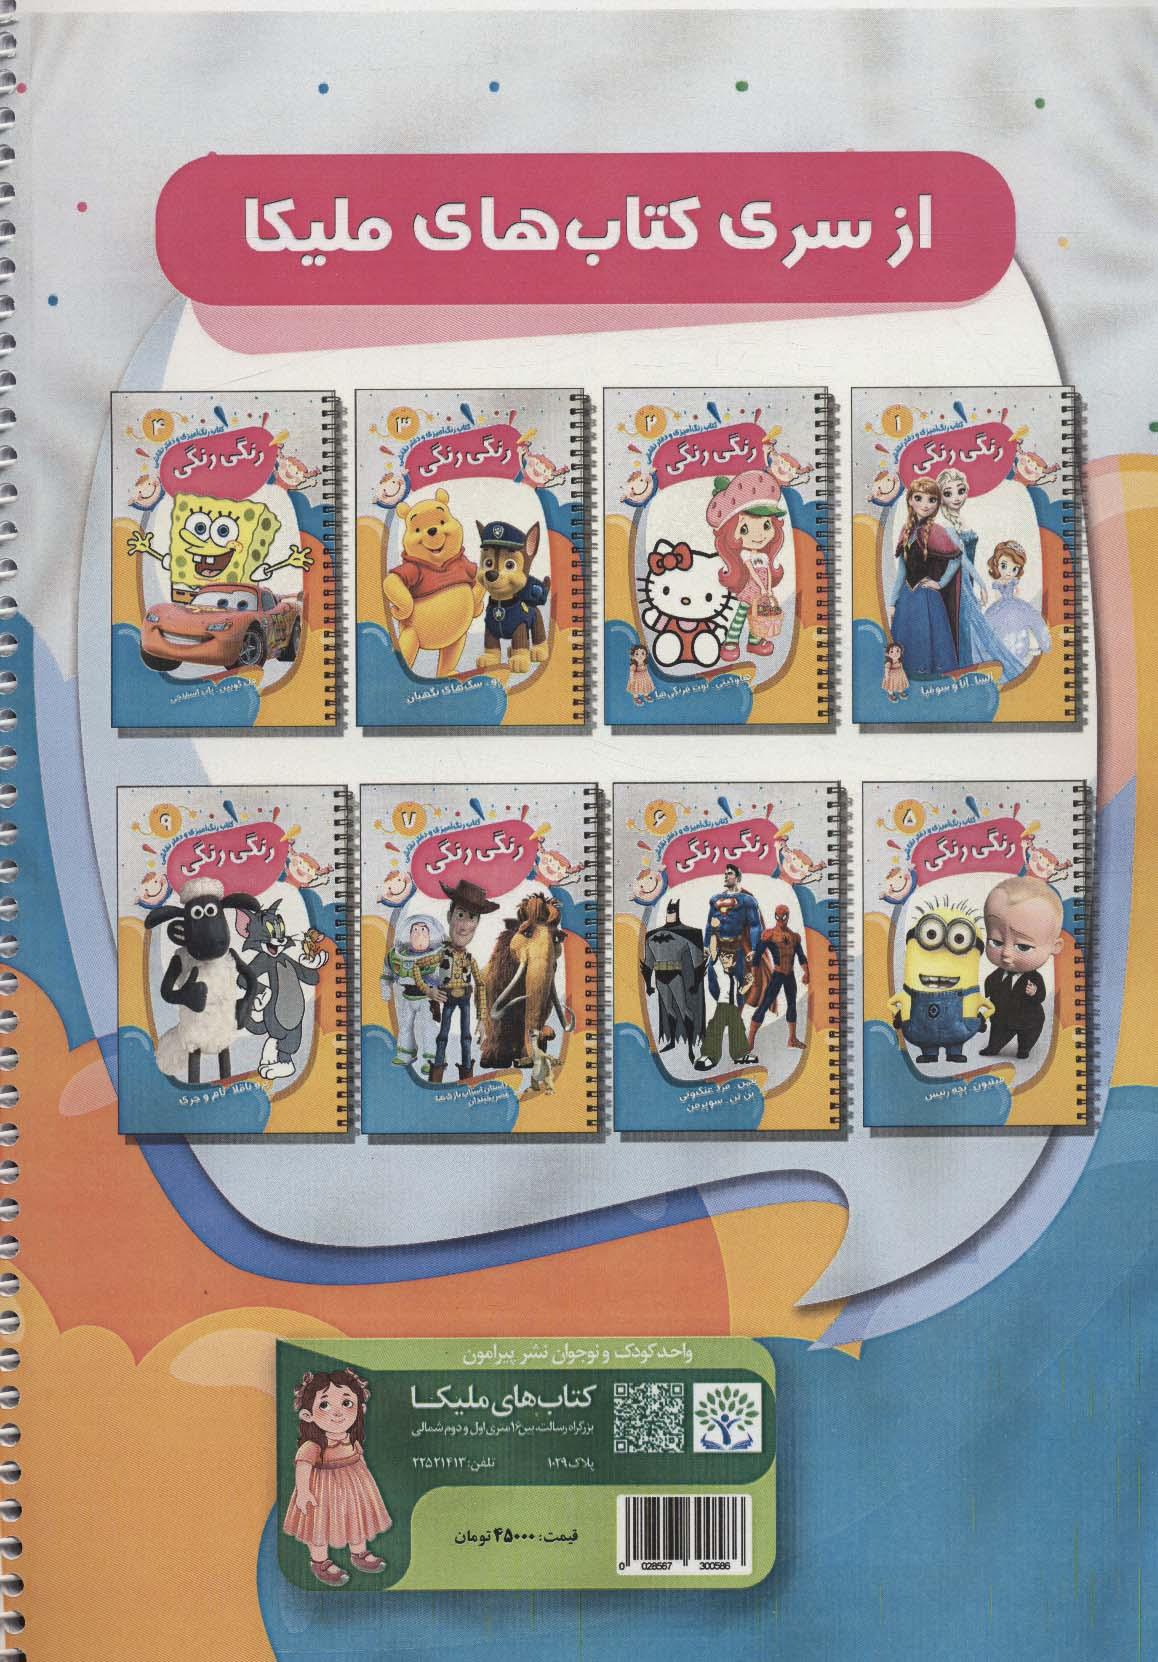 کتاب رنگ آمیزی و دفتر نقاشی رنگی رنگی 8 (دورا-روبی رنگین کمانی خرس های مهربون)،(سیمی)